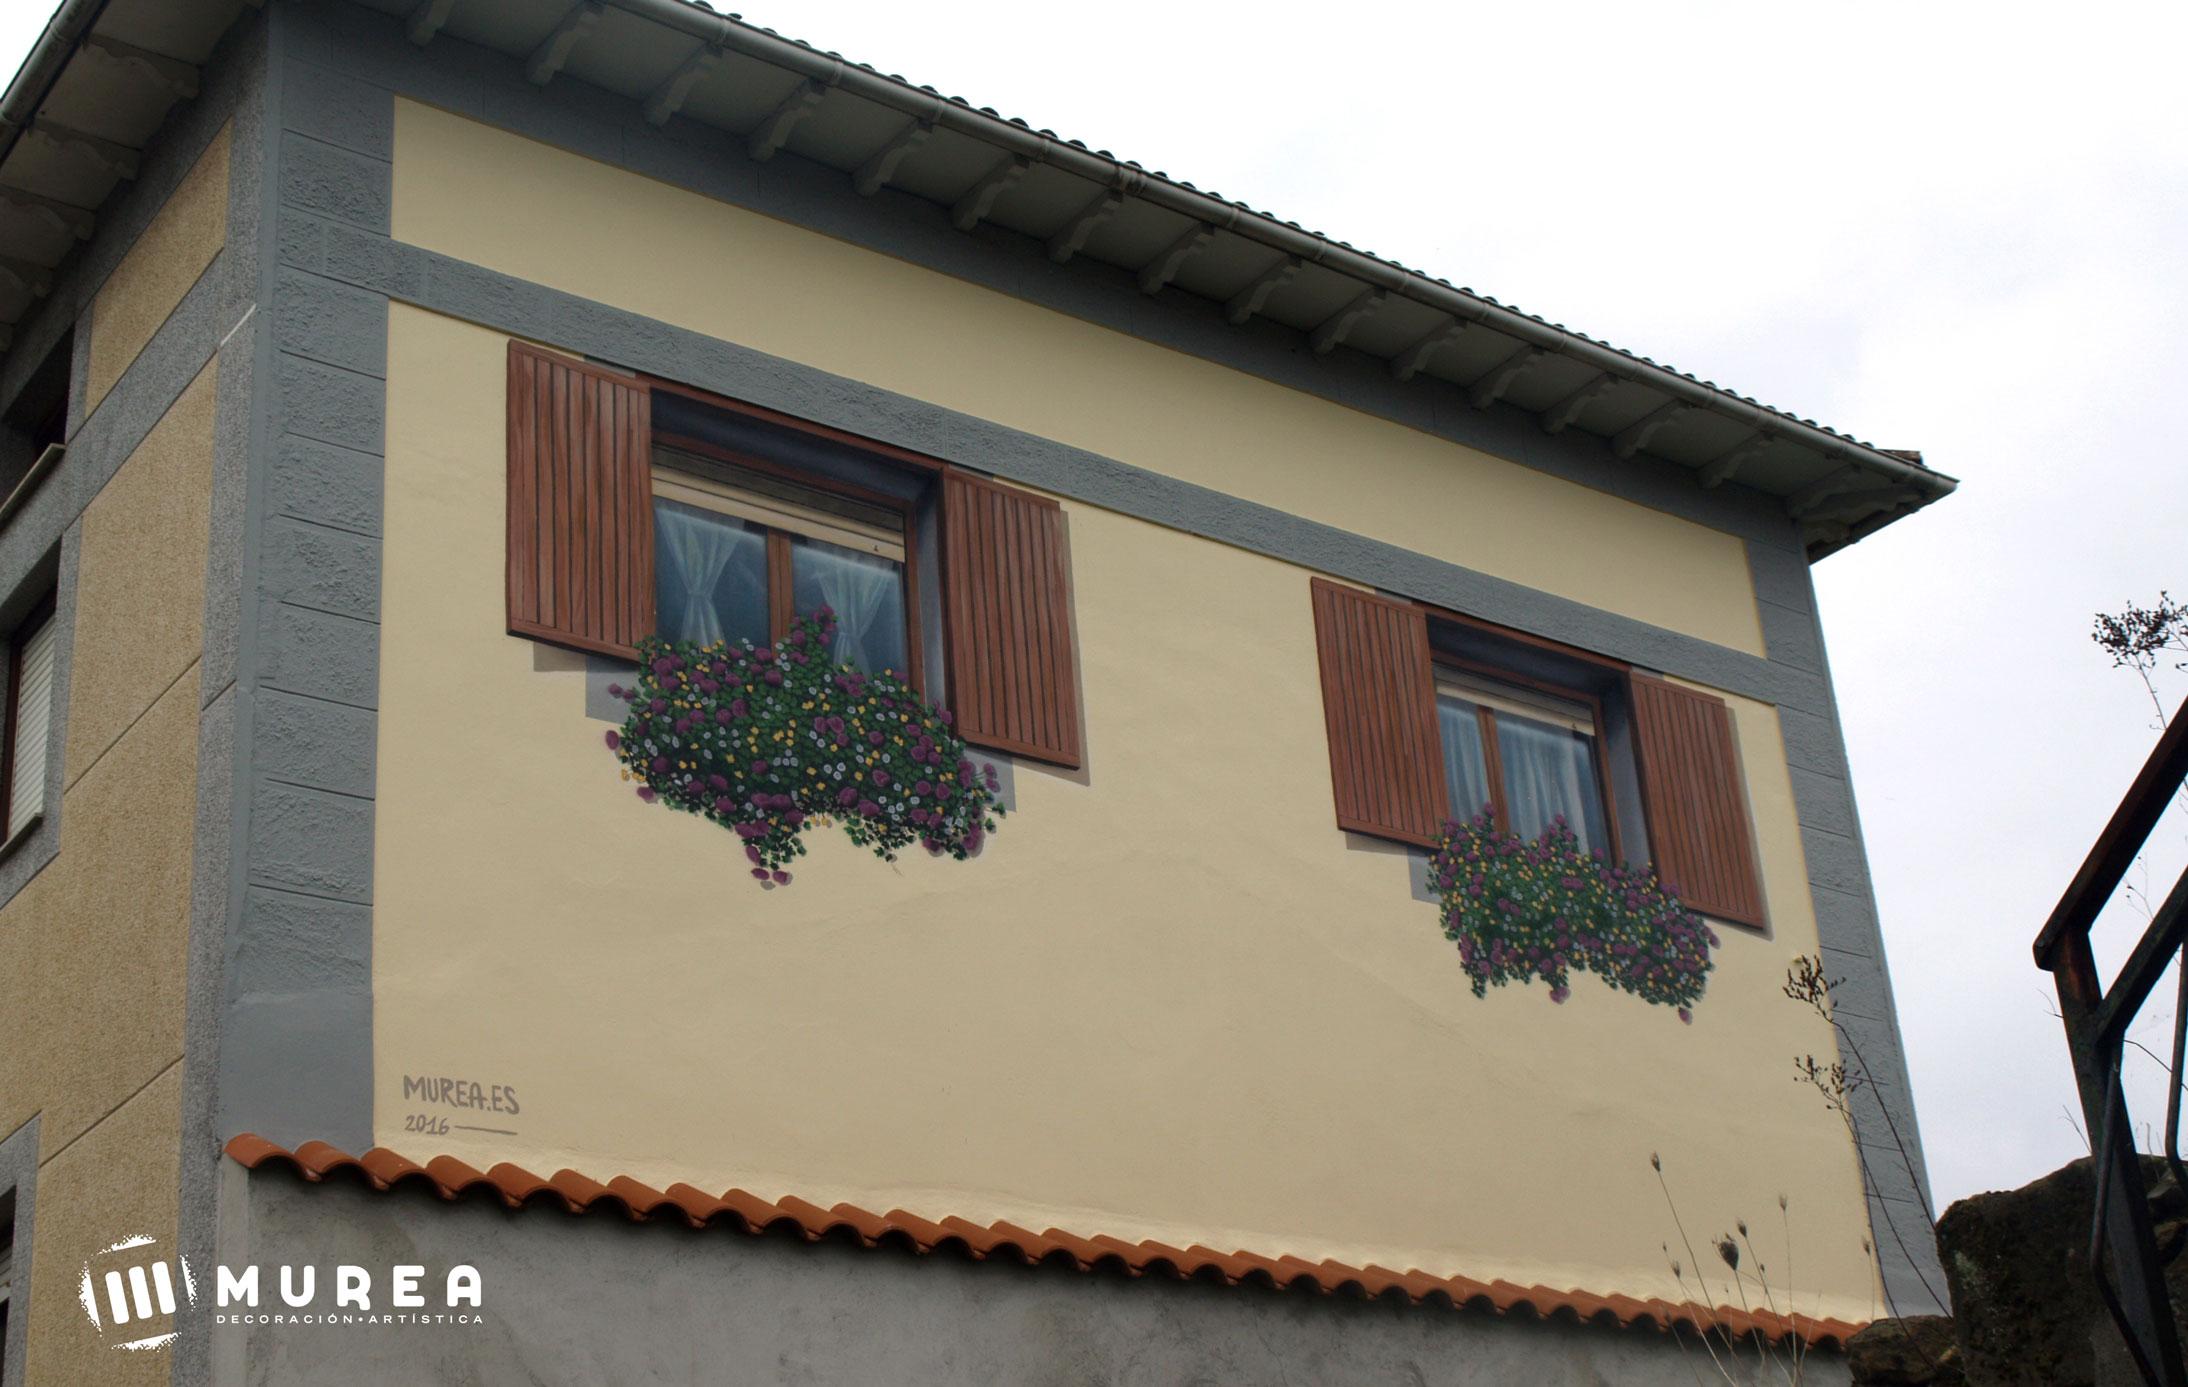 Mural trampantojo realizado para particular. Cantabria 2016